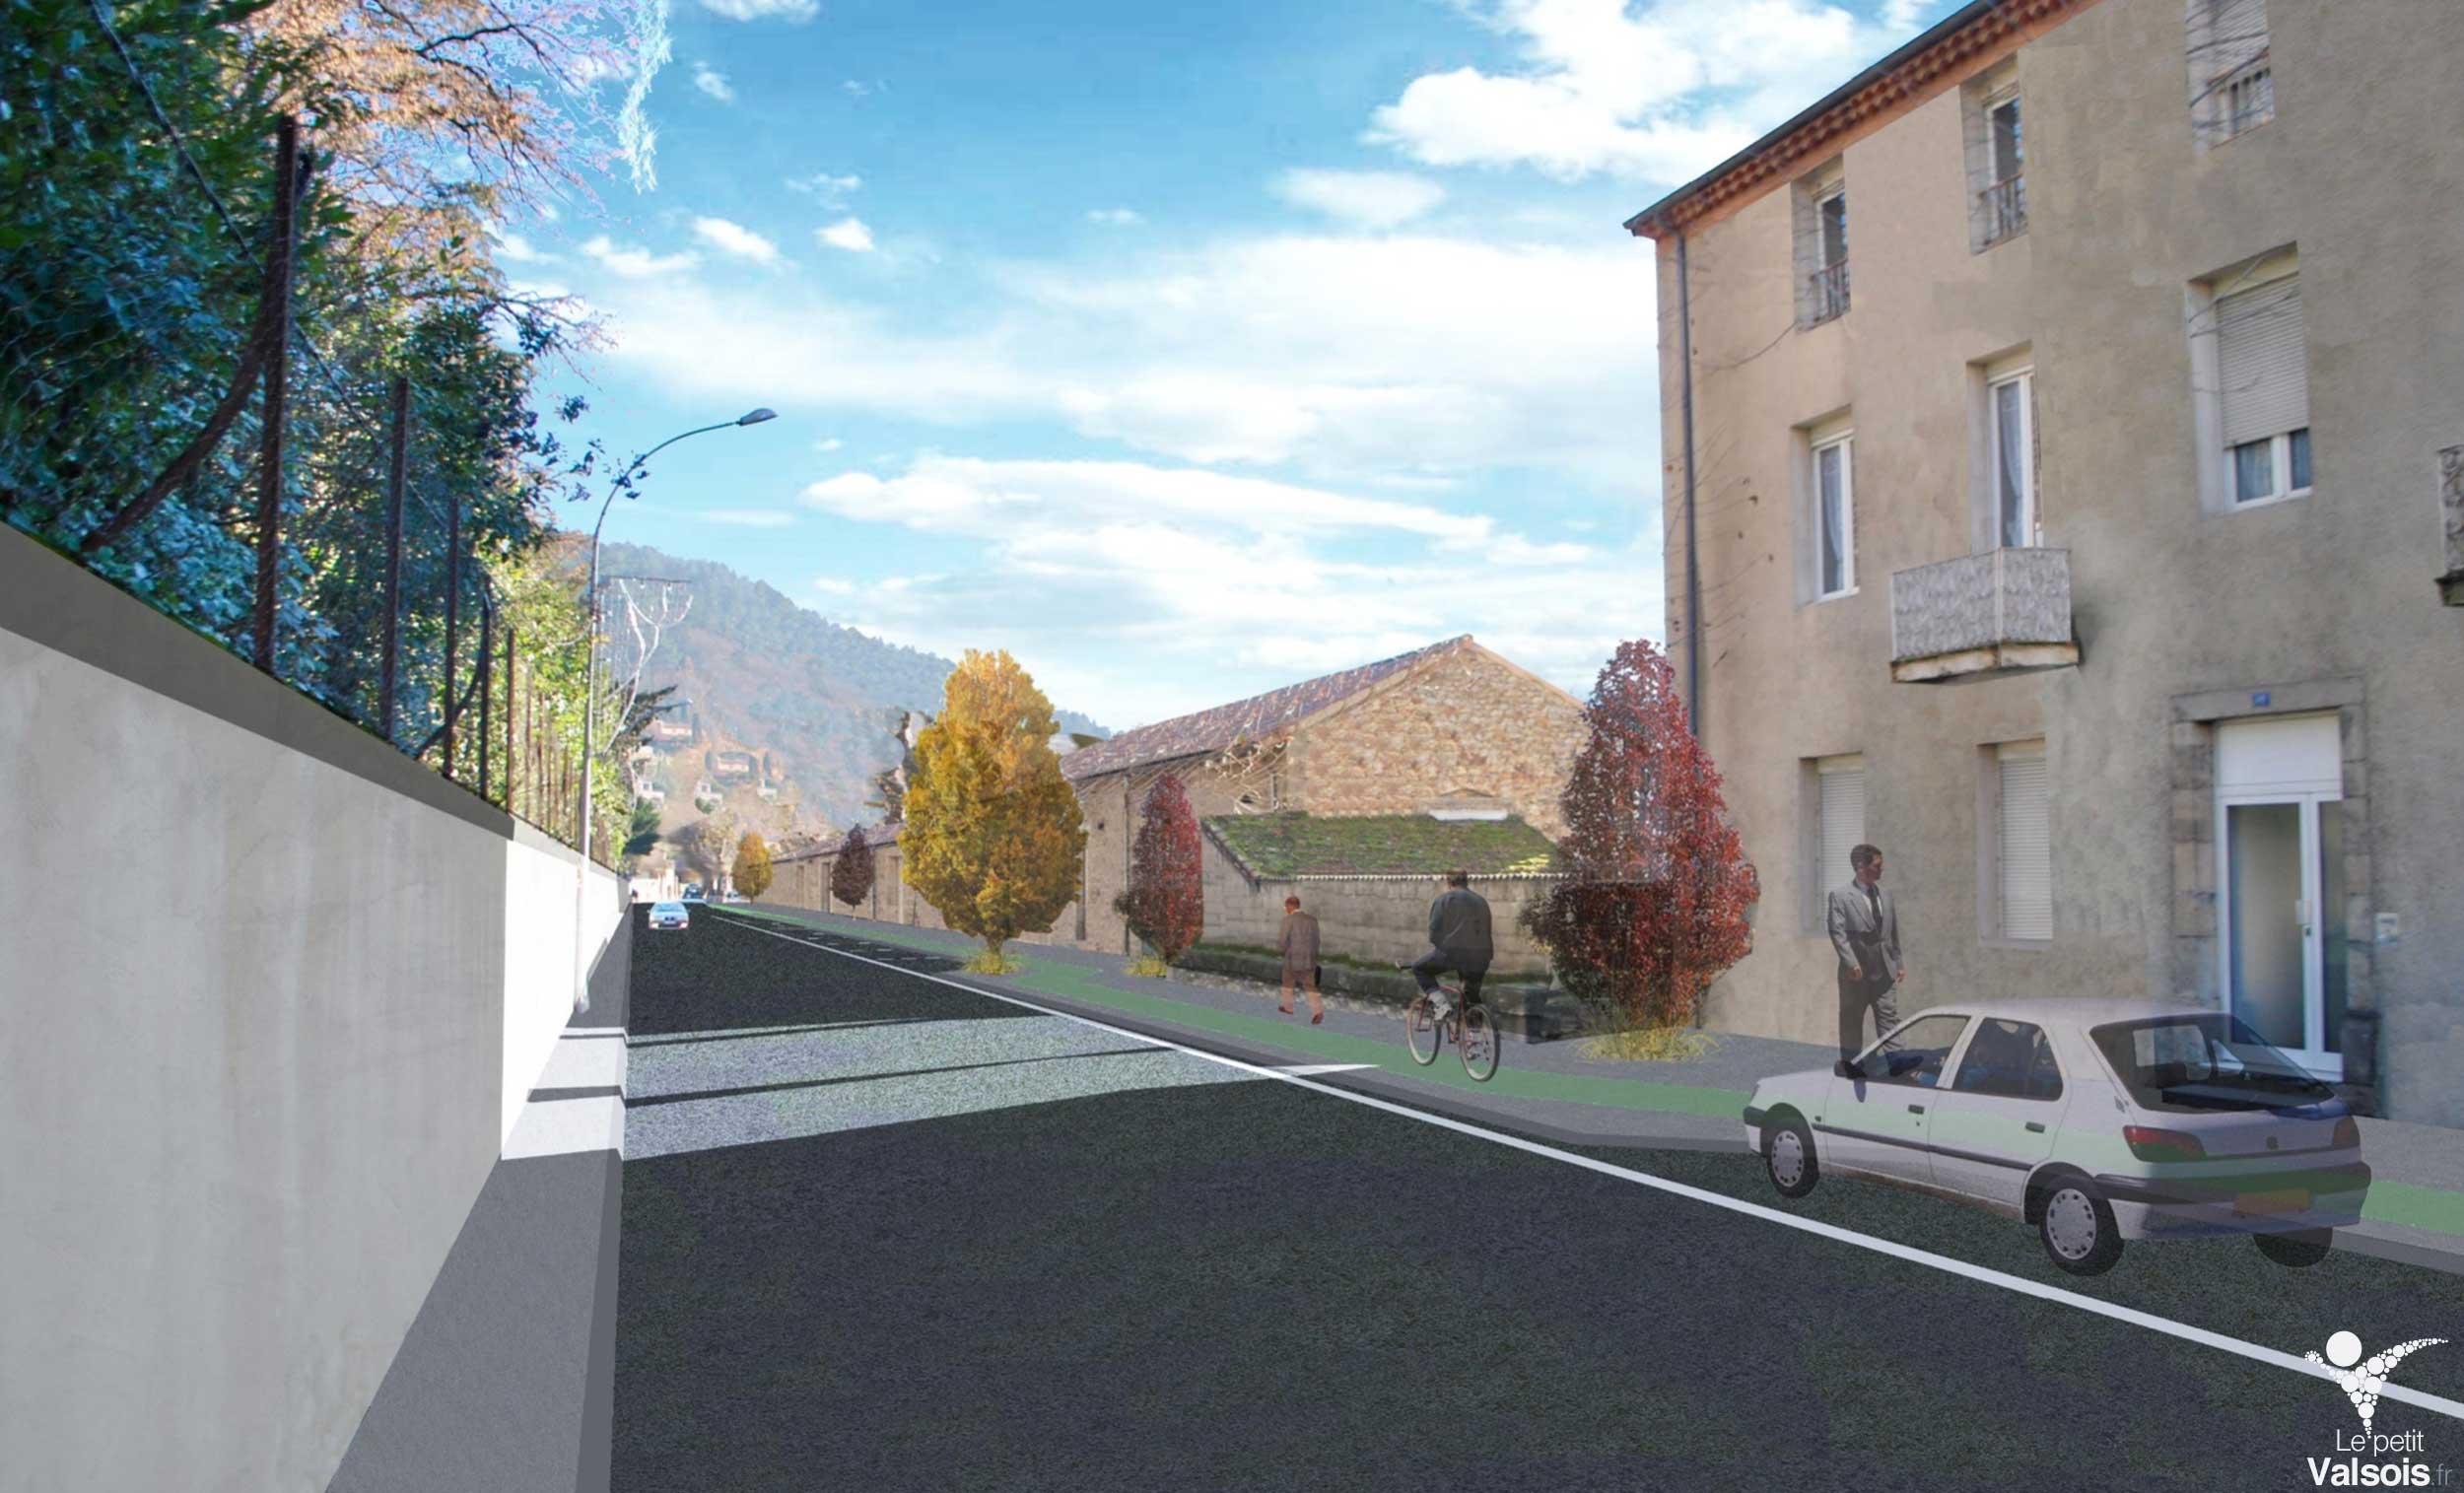 Boulevard de Vernon – Le plus important chantier d'aménagement urbain depuis 10 ans est lancé